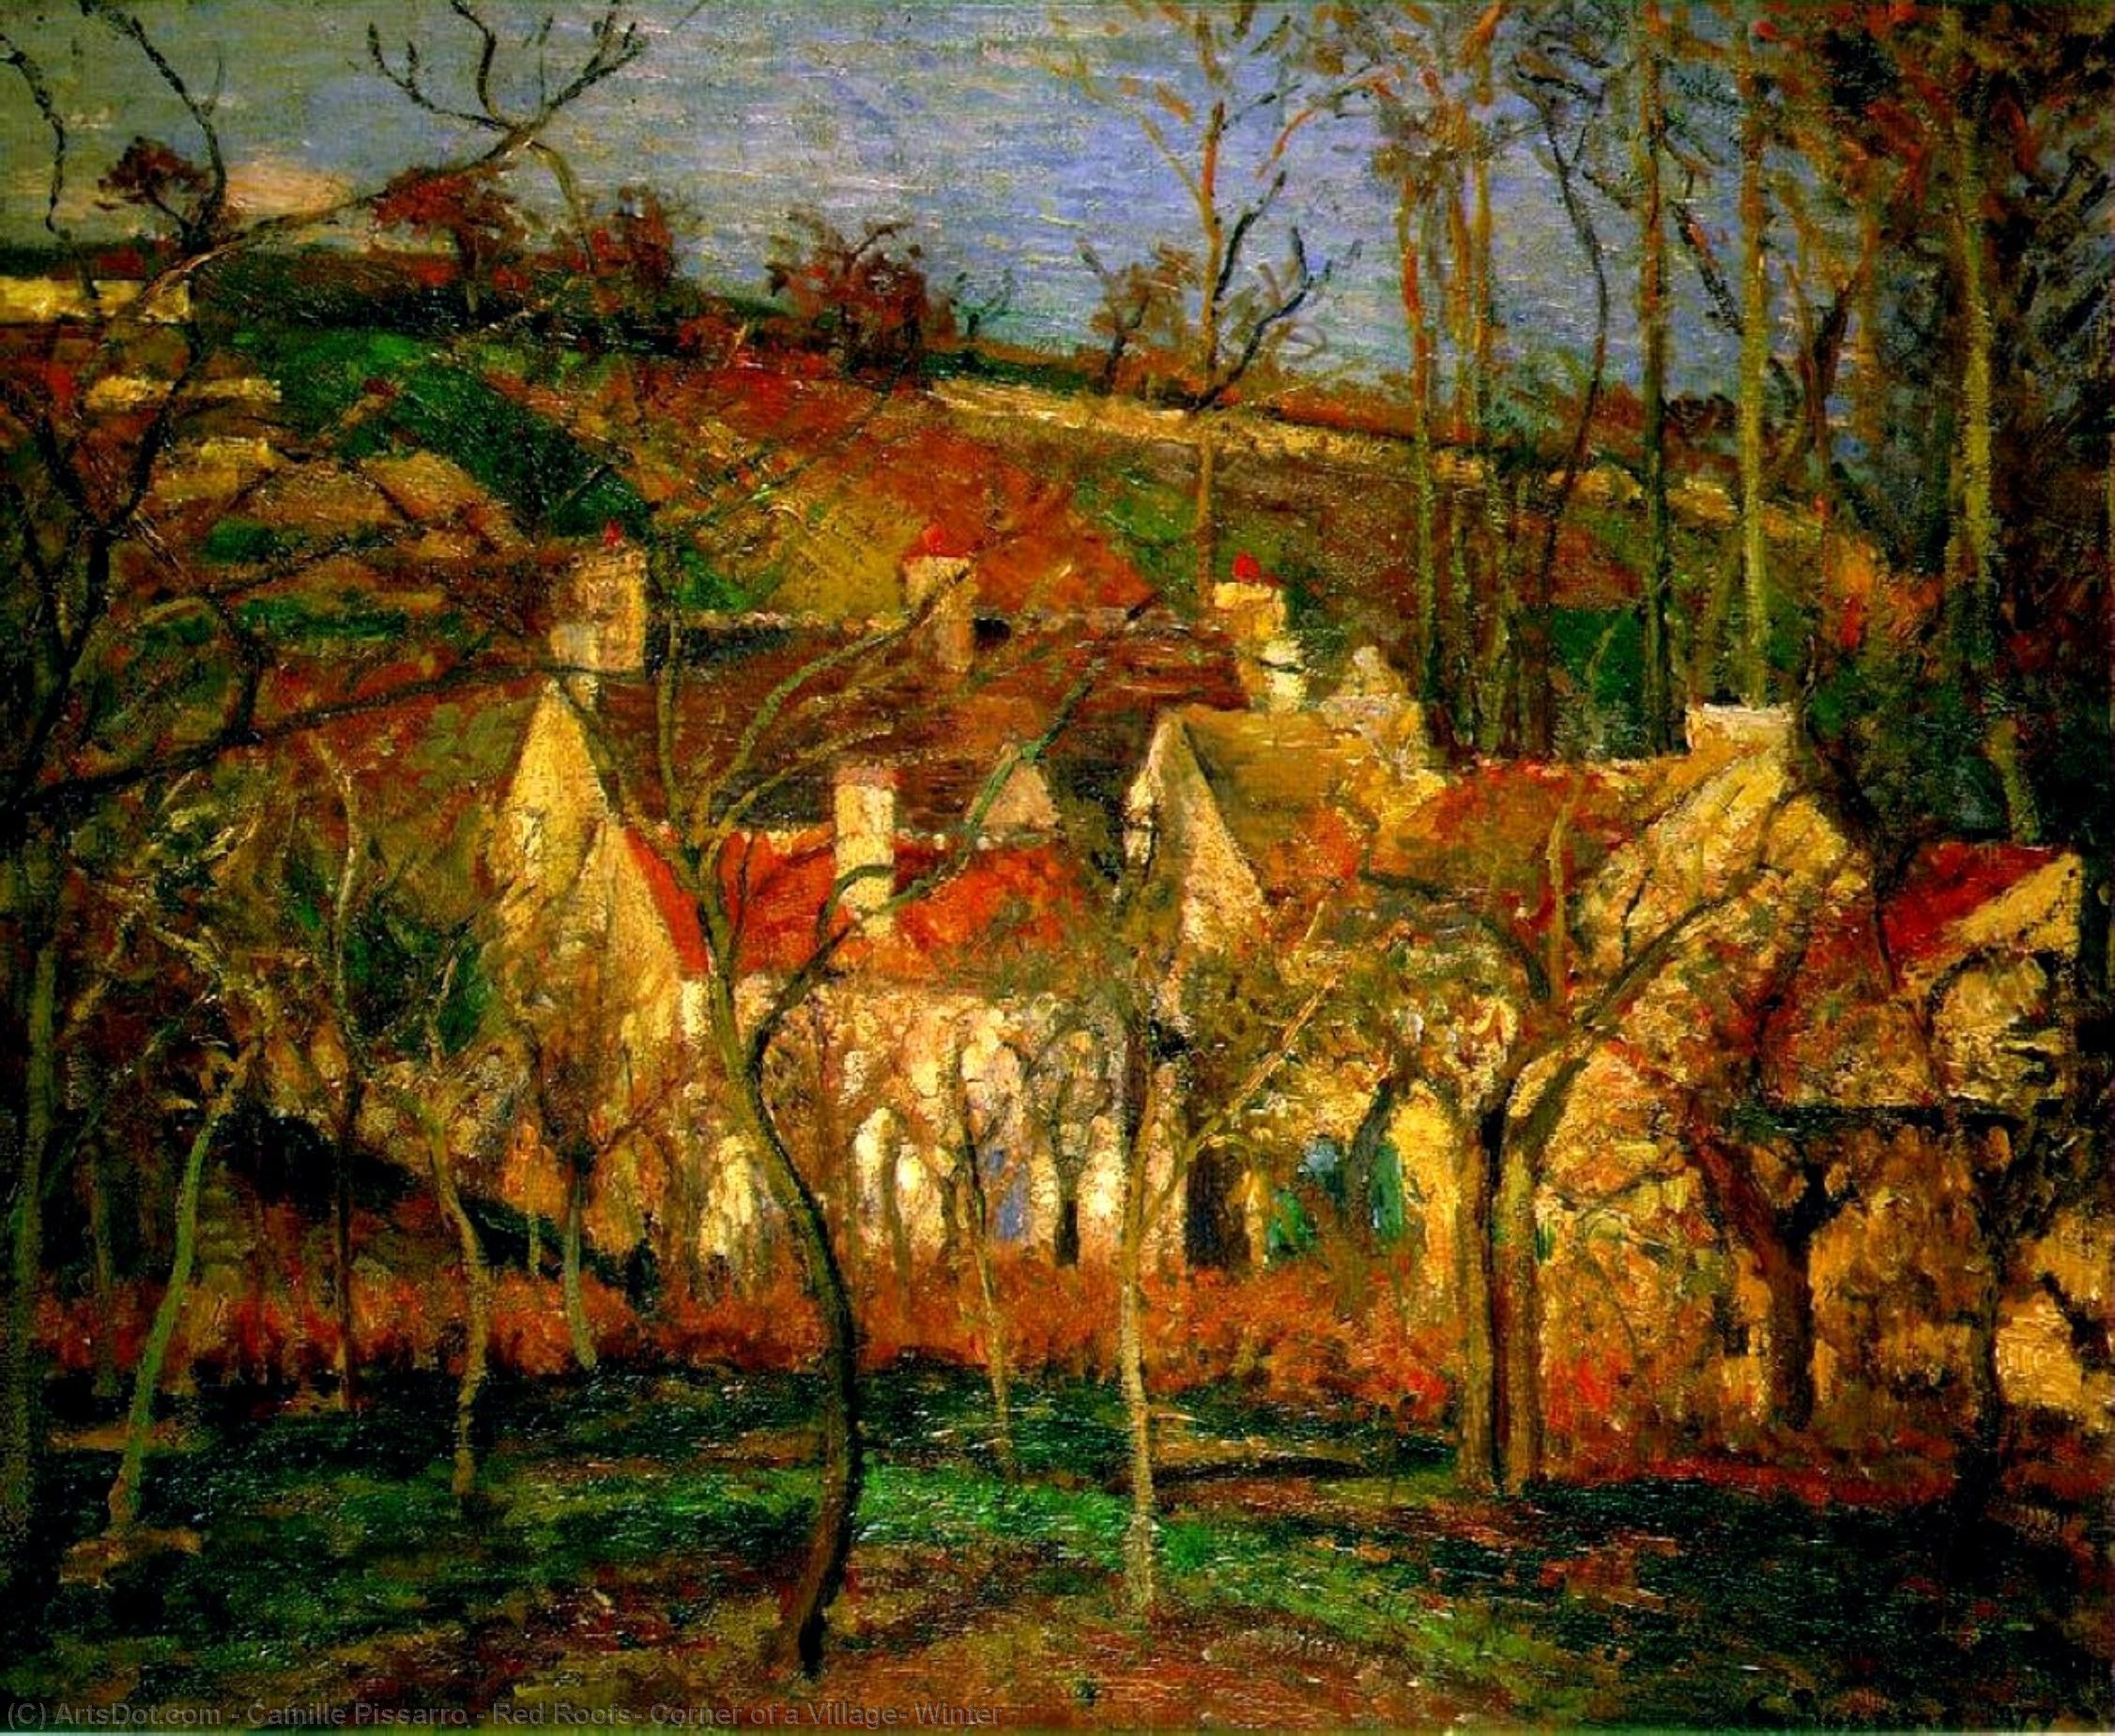 Wikioo.org - Die Enzyklopädie bildender Kunst - Malerei, Kunstwerk von Camille Pissarro - rote dächer , ecke eines dorfes , Winter